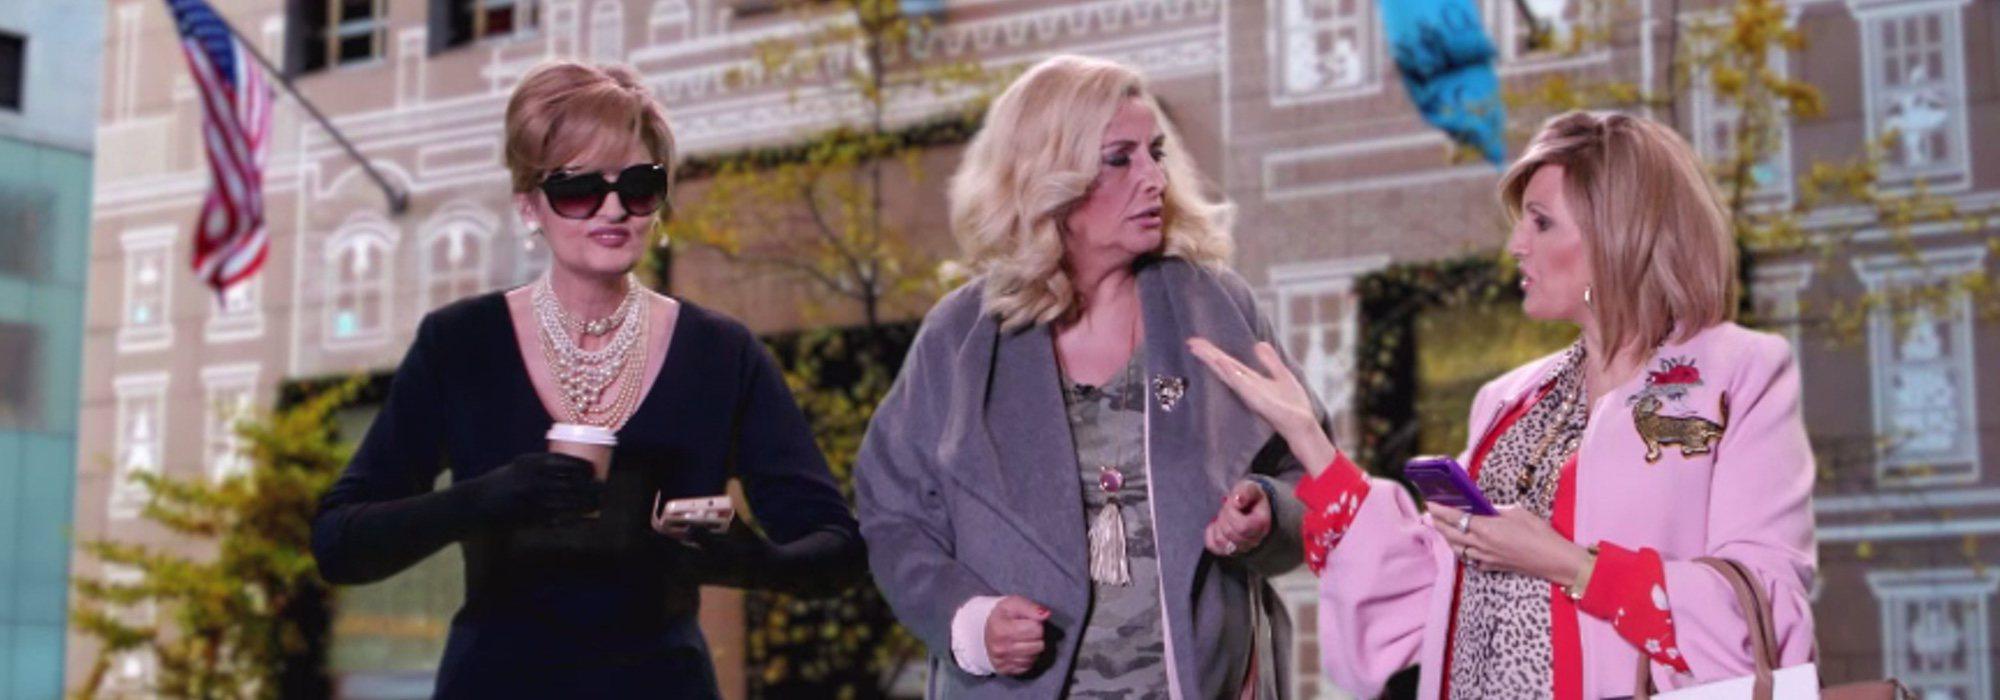 Crítica a 'Homo Zapping': Las parodias de la tele se abren a Paquita Salas y la Pringada sin perder su esencia